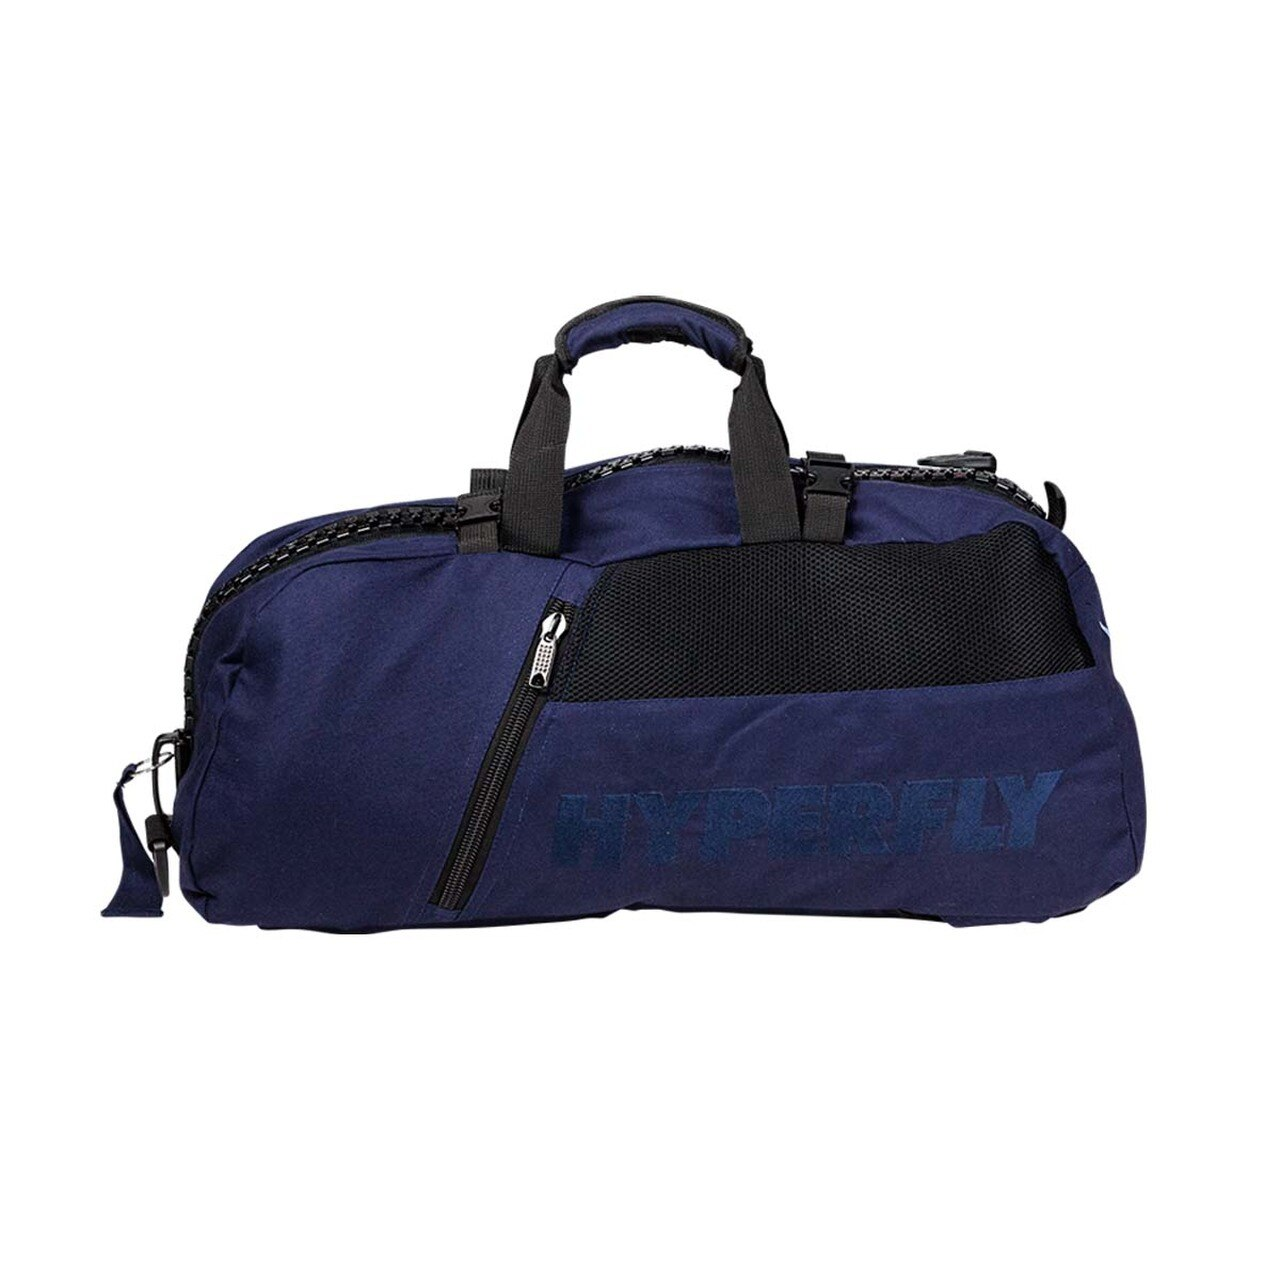 Hyperfly The Bolt Gym Duffle Bag